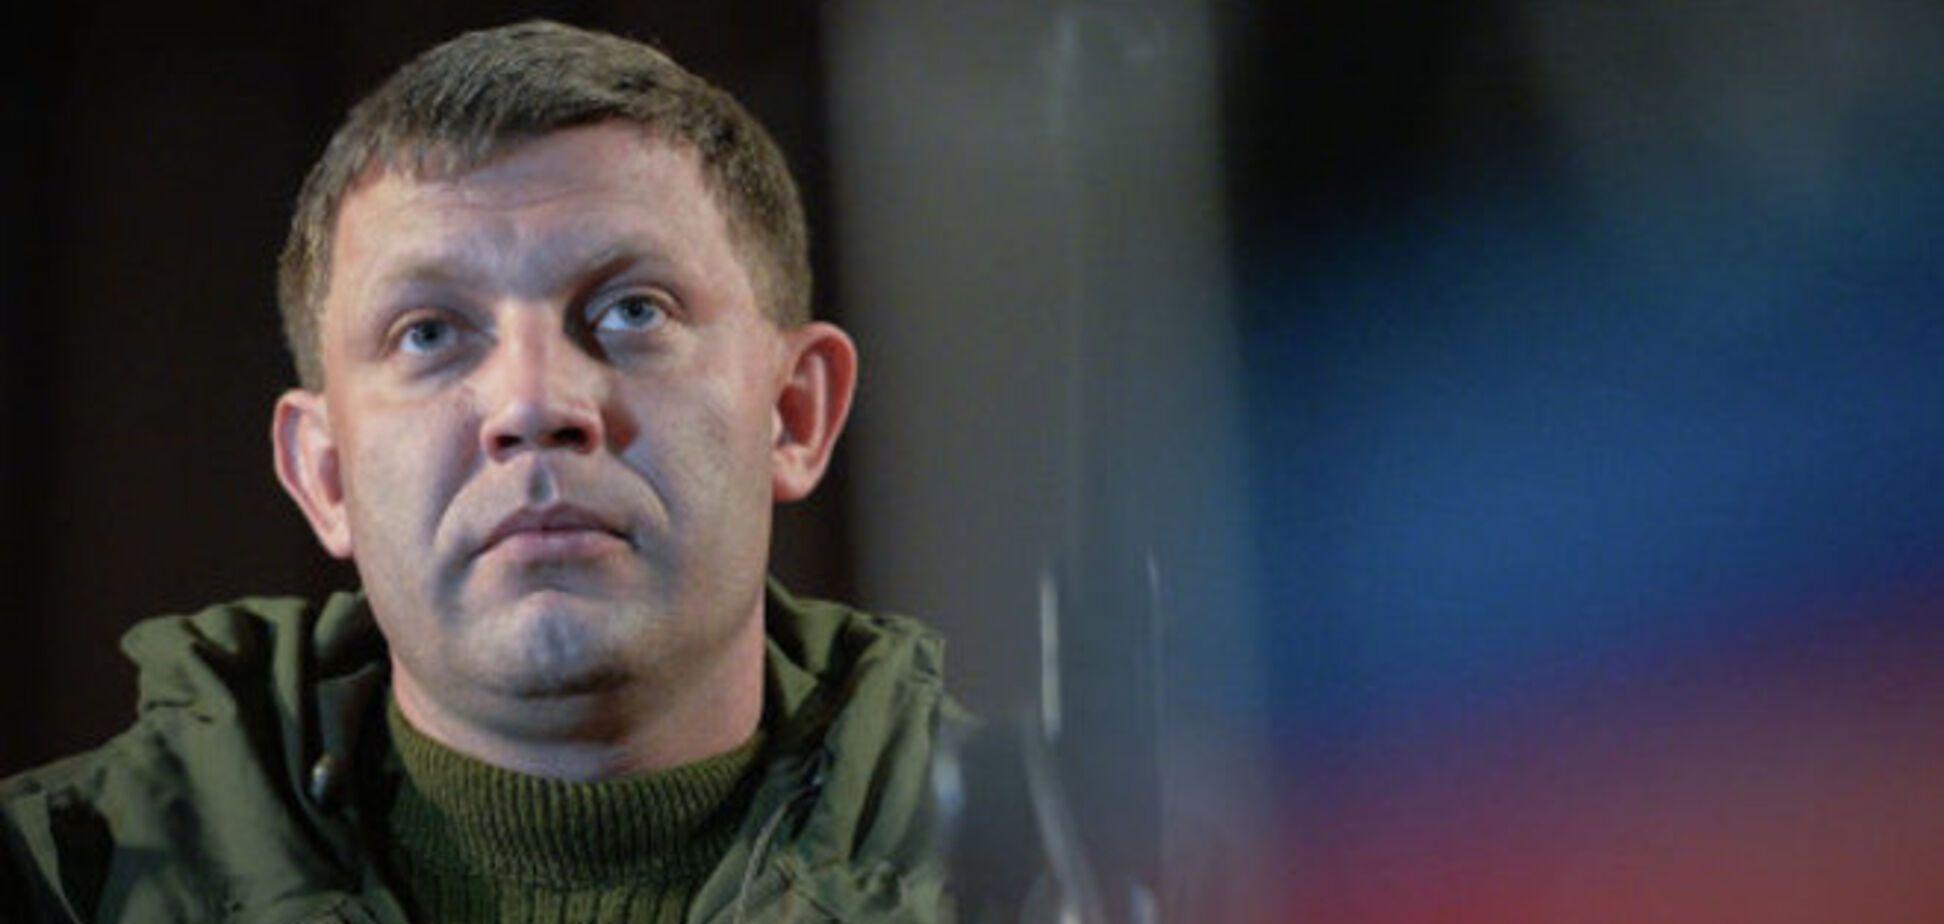 Захарченко подтвердил, что боевики 'ДНР' начали наступление на Мариуполь, а потом забрал свои слова обратно